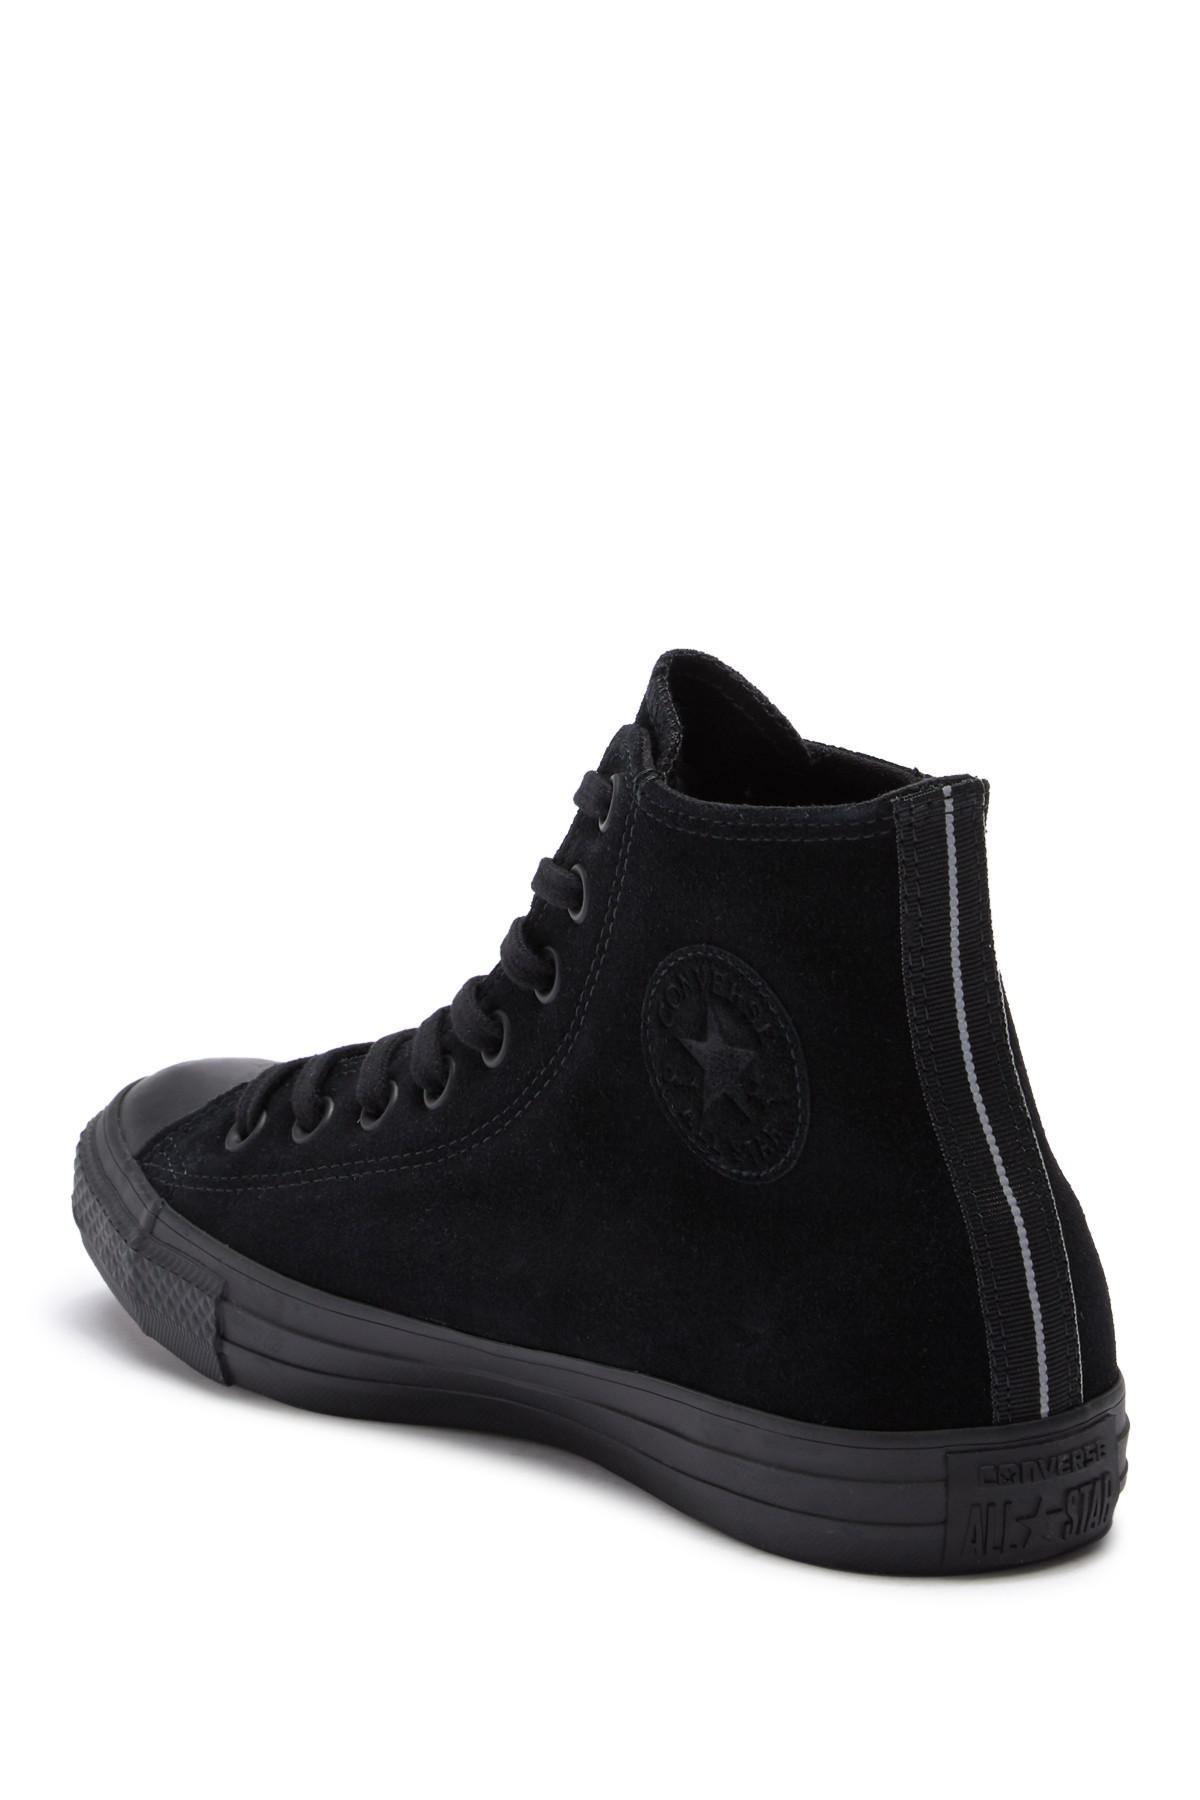 47d379de4c2a49 Lyst - Converse Chuck Taylor All Star Suede High Top Sneaker (unisex ...